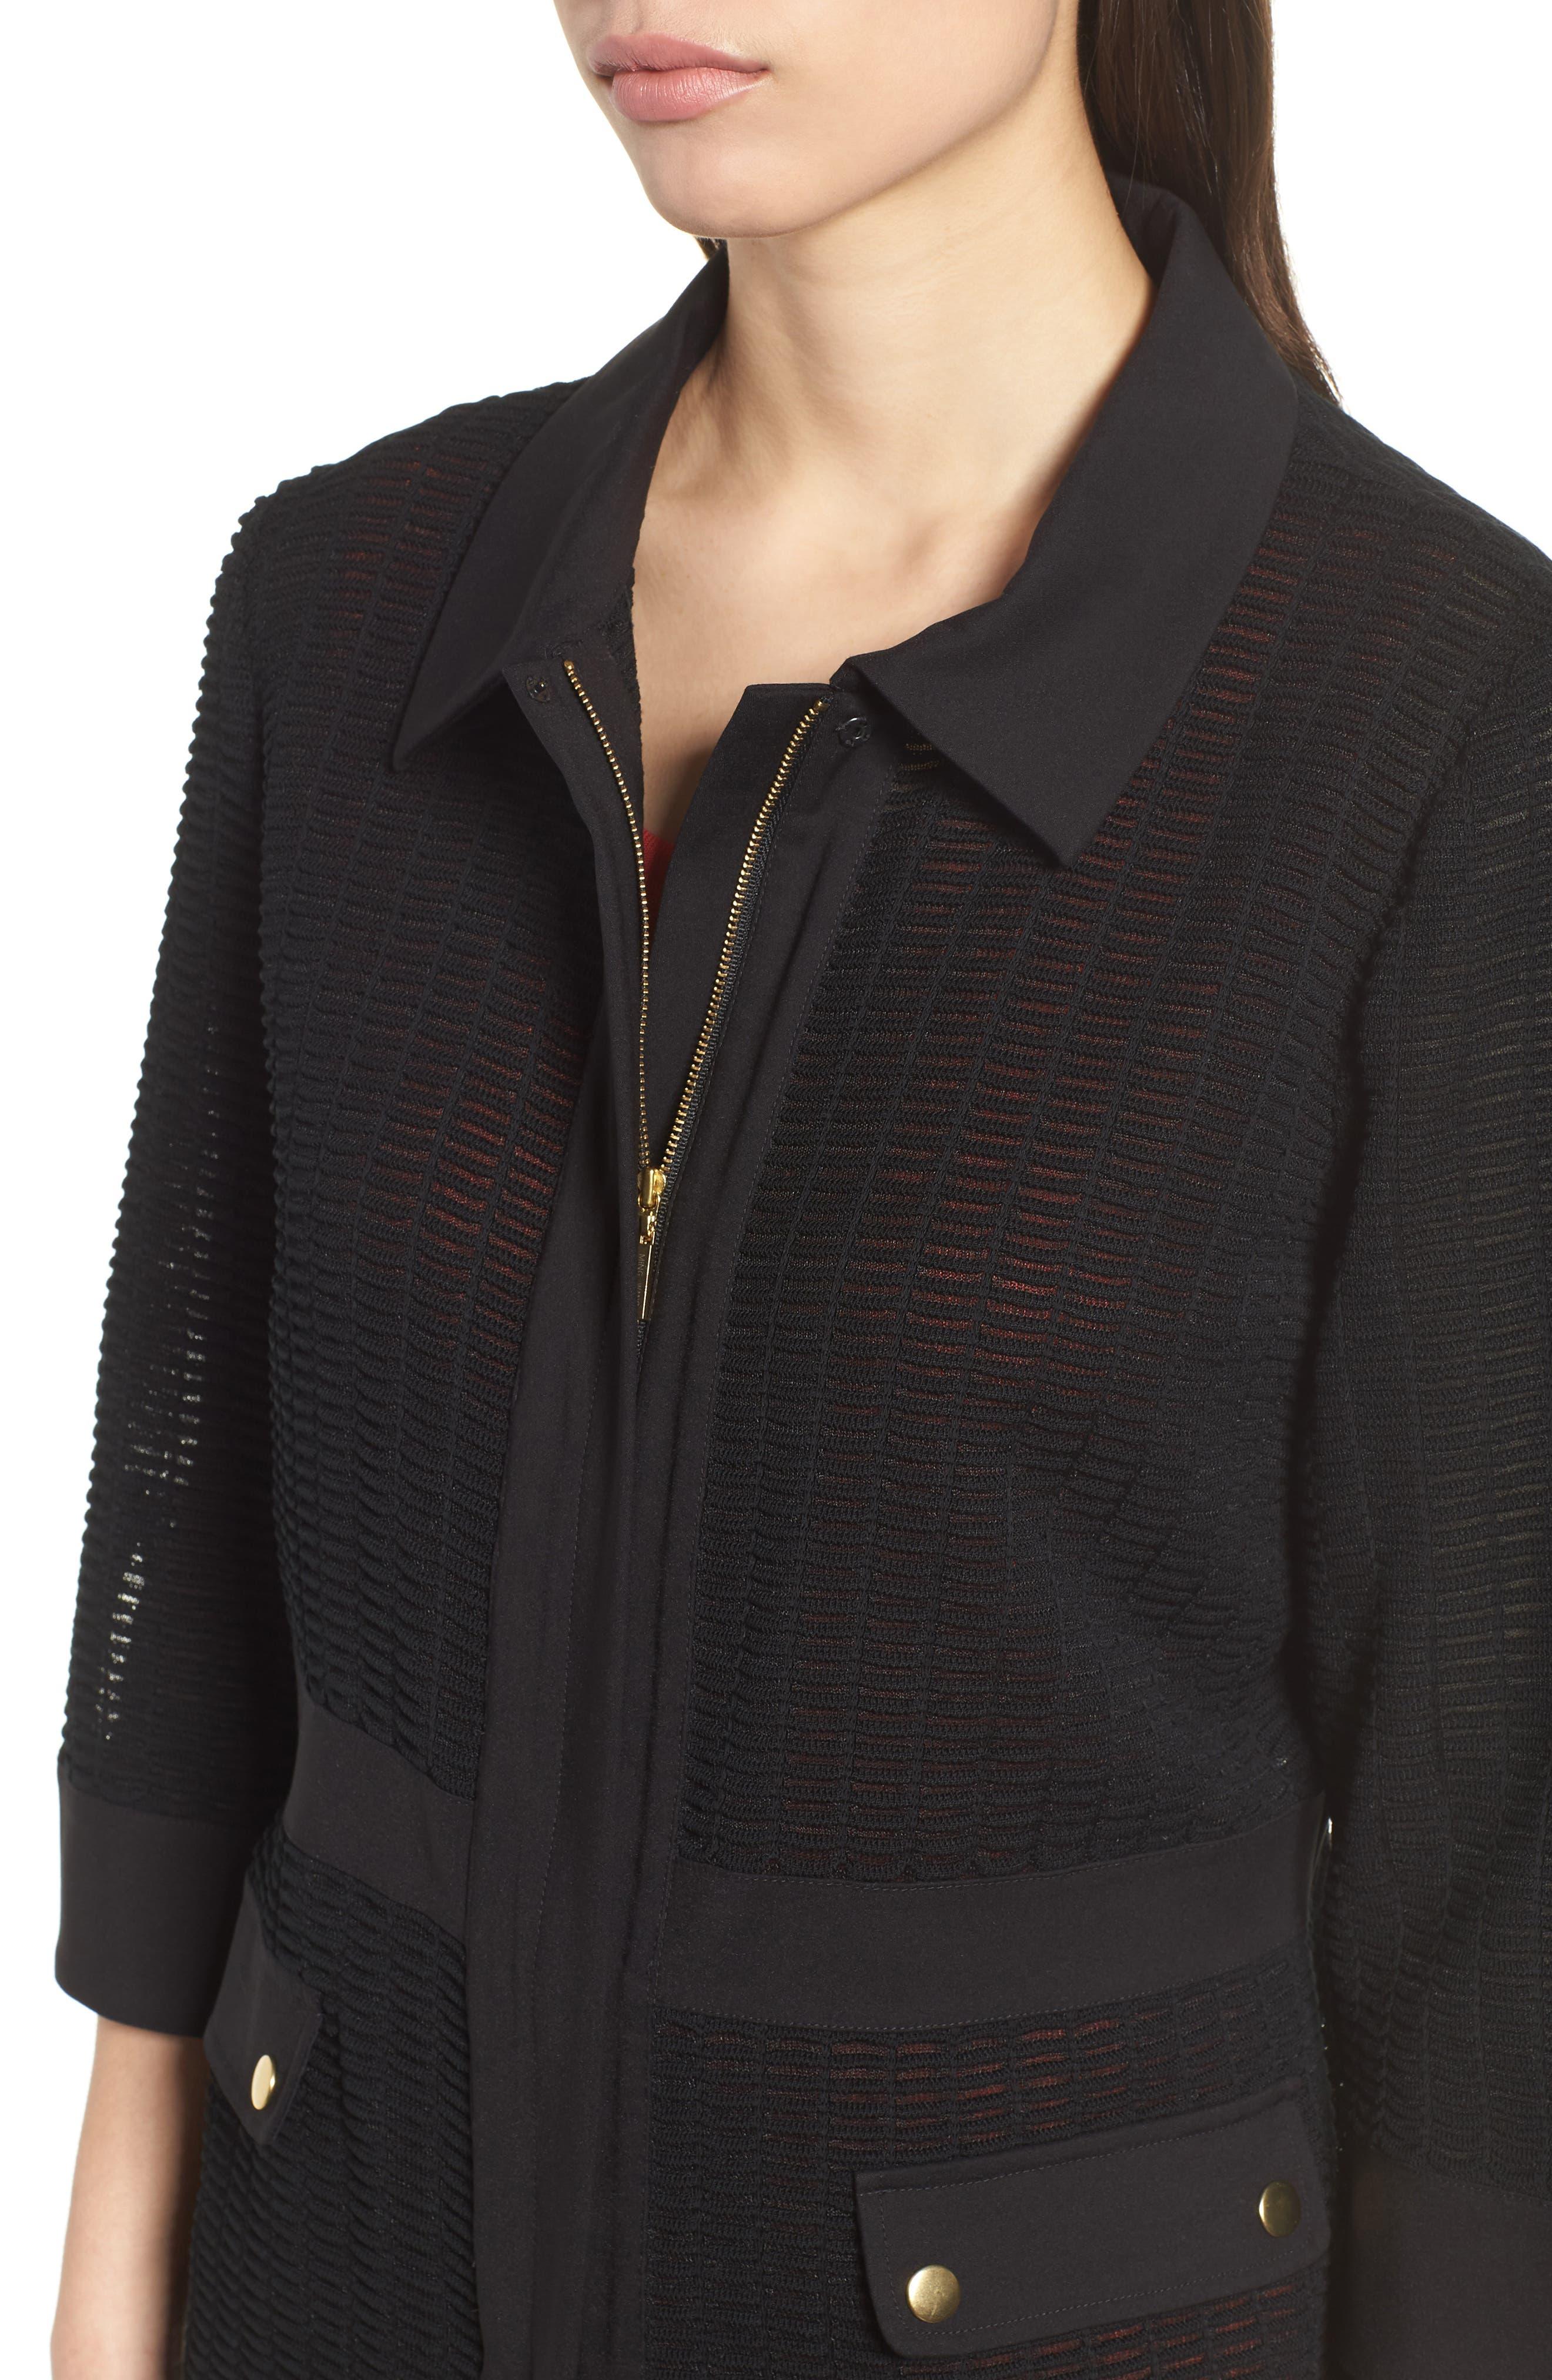 Jacquard Jacket,                             Alternate thumbnail 4, color,                             BLACK